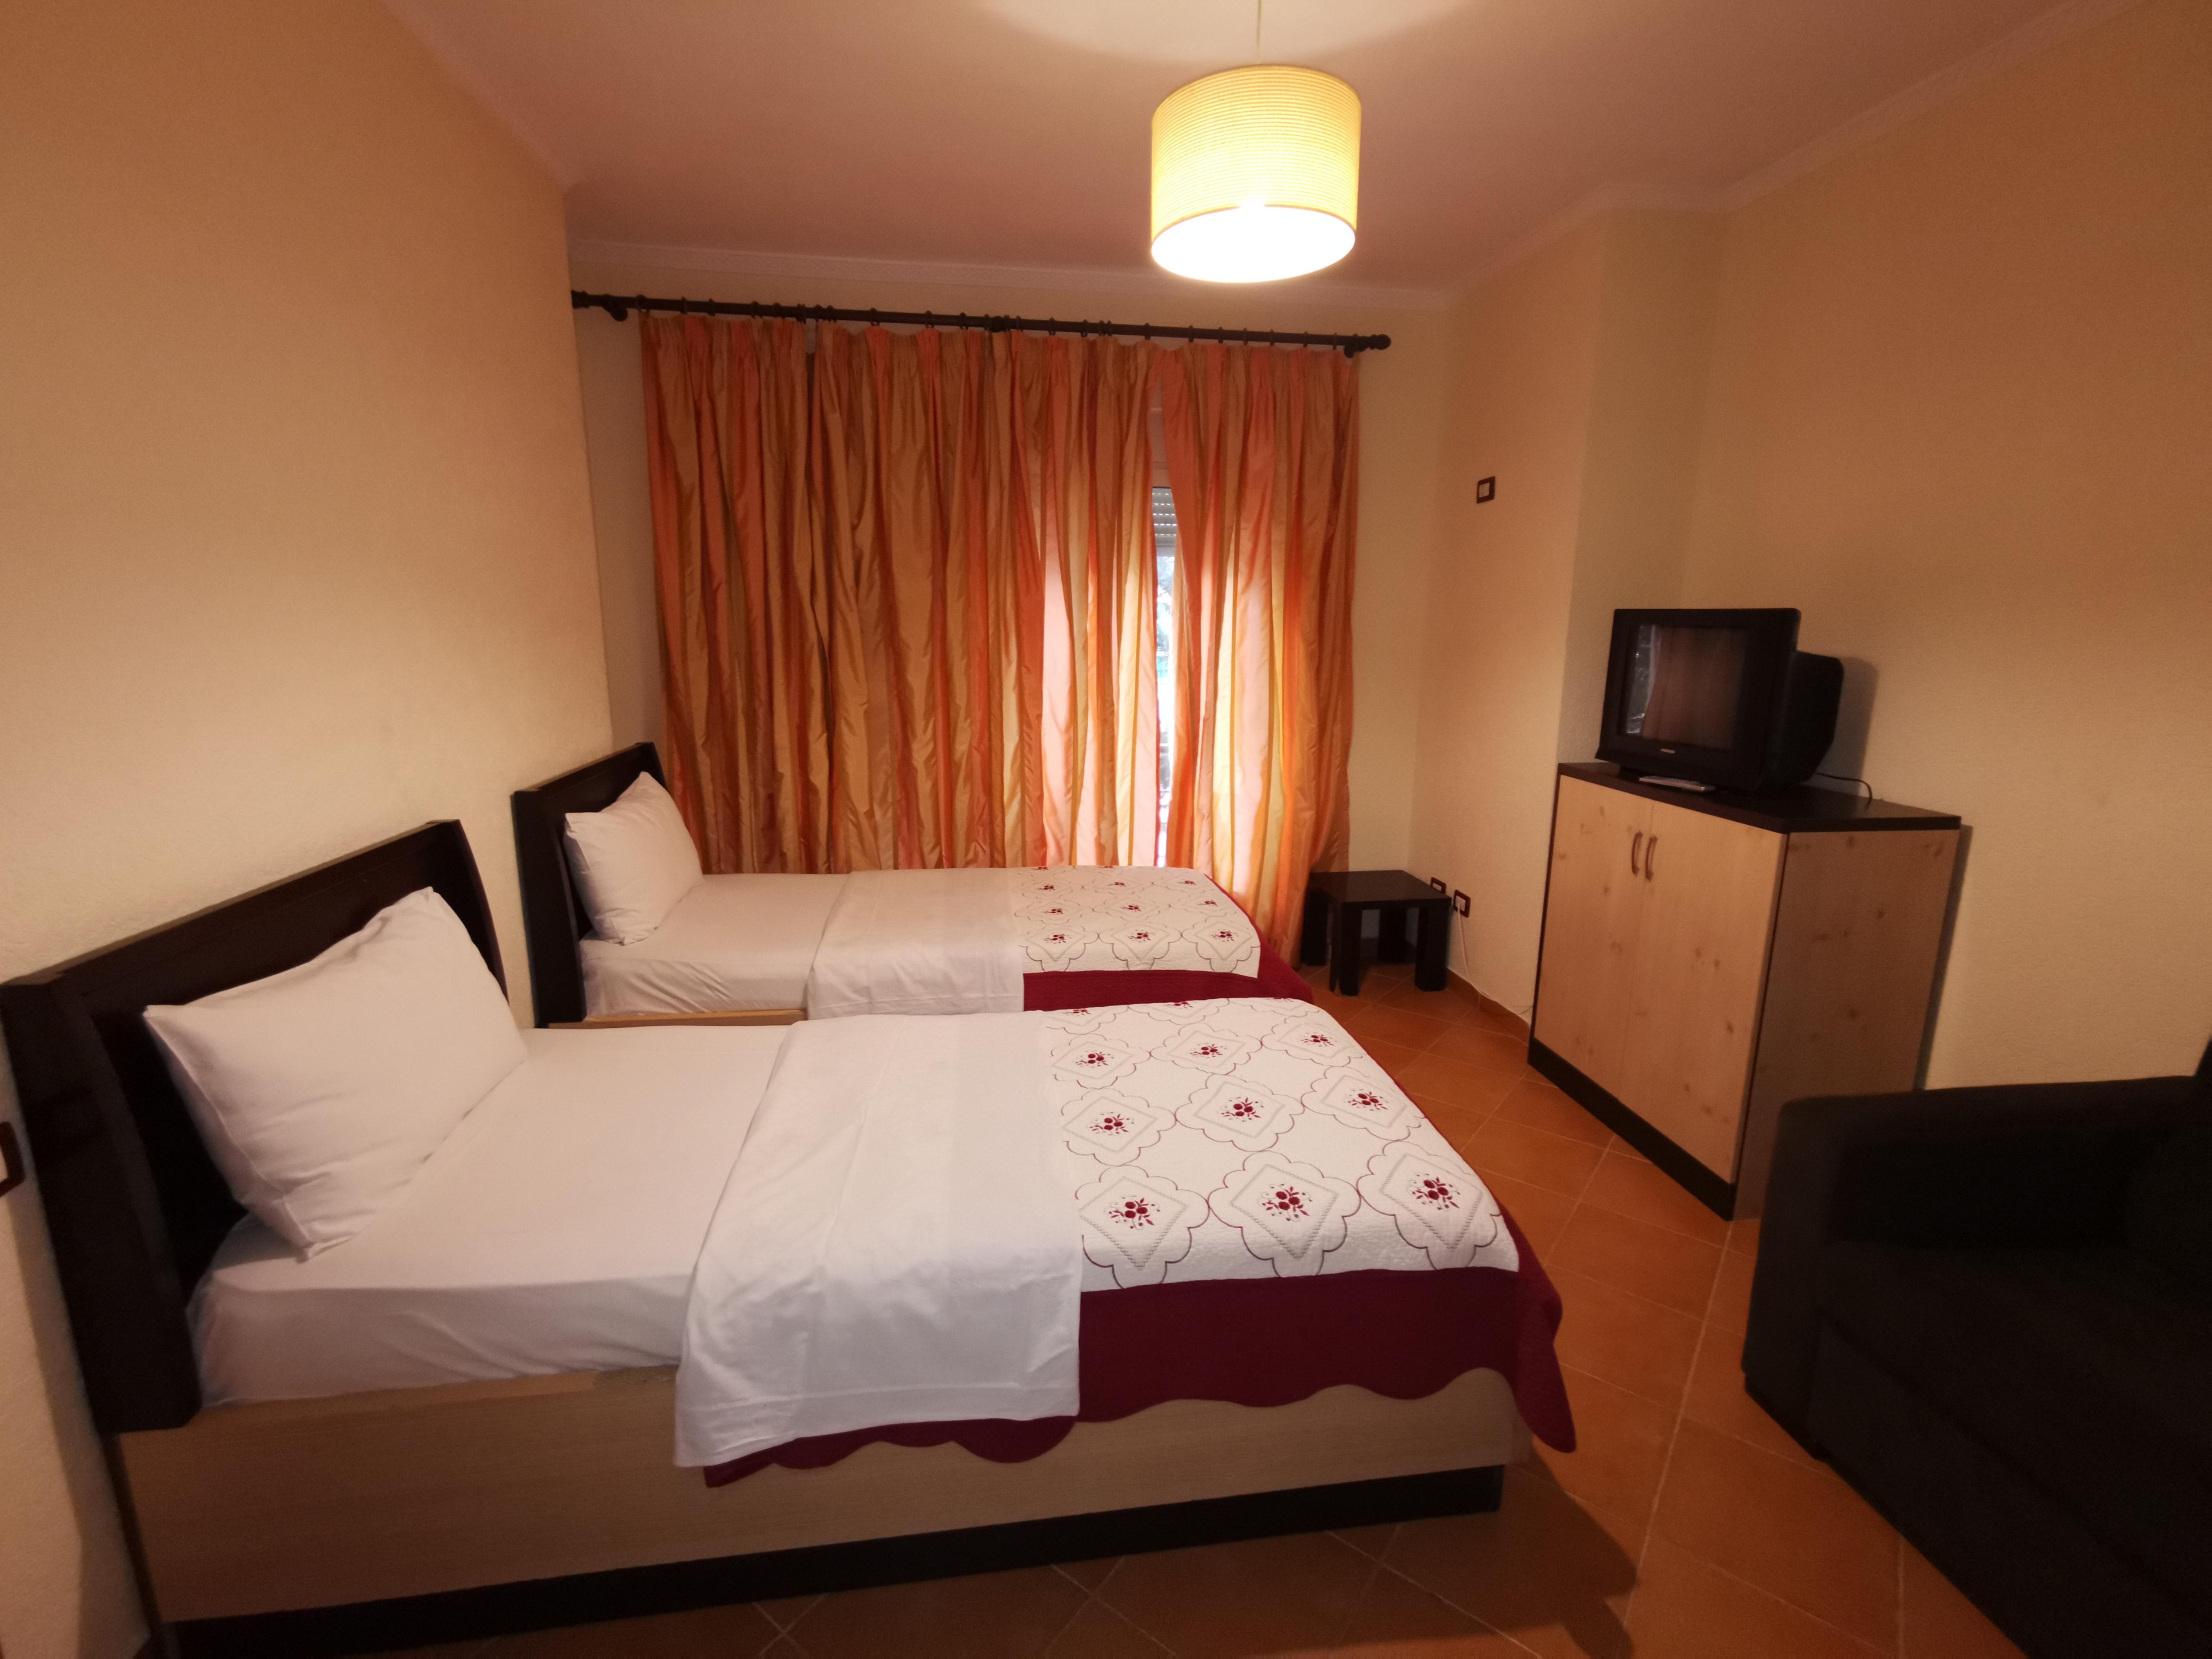 Letovanje Albanija autobusom, Drač Hotel Ibiza,soba sa odvojenim ležajevima